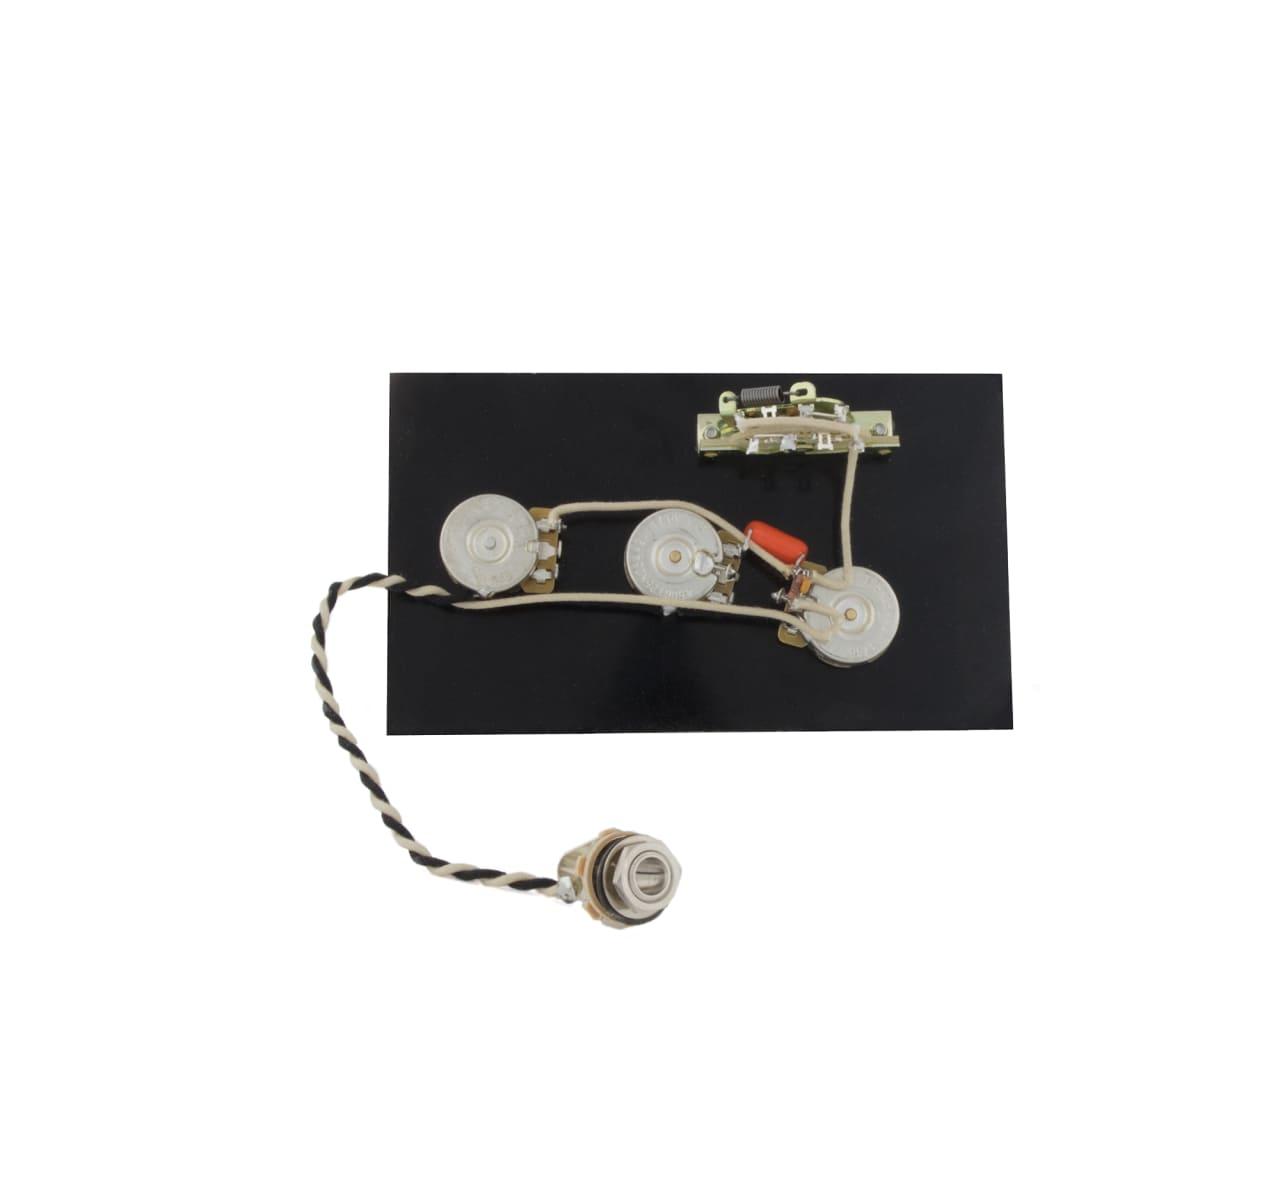 920d strat wiring harness hendrix 60 39 s 3 way w blender reverb. Black Bedroom Furniture Sets. Home Design Ideas